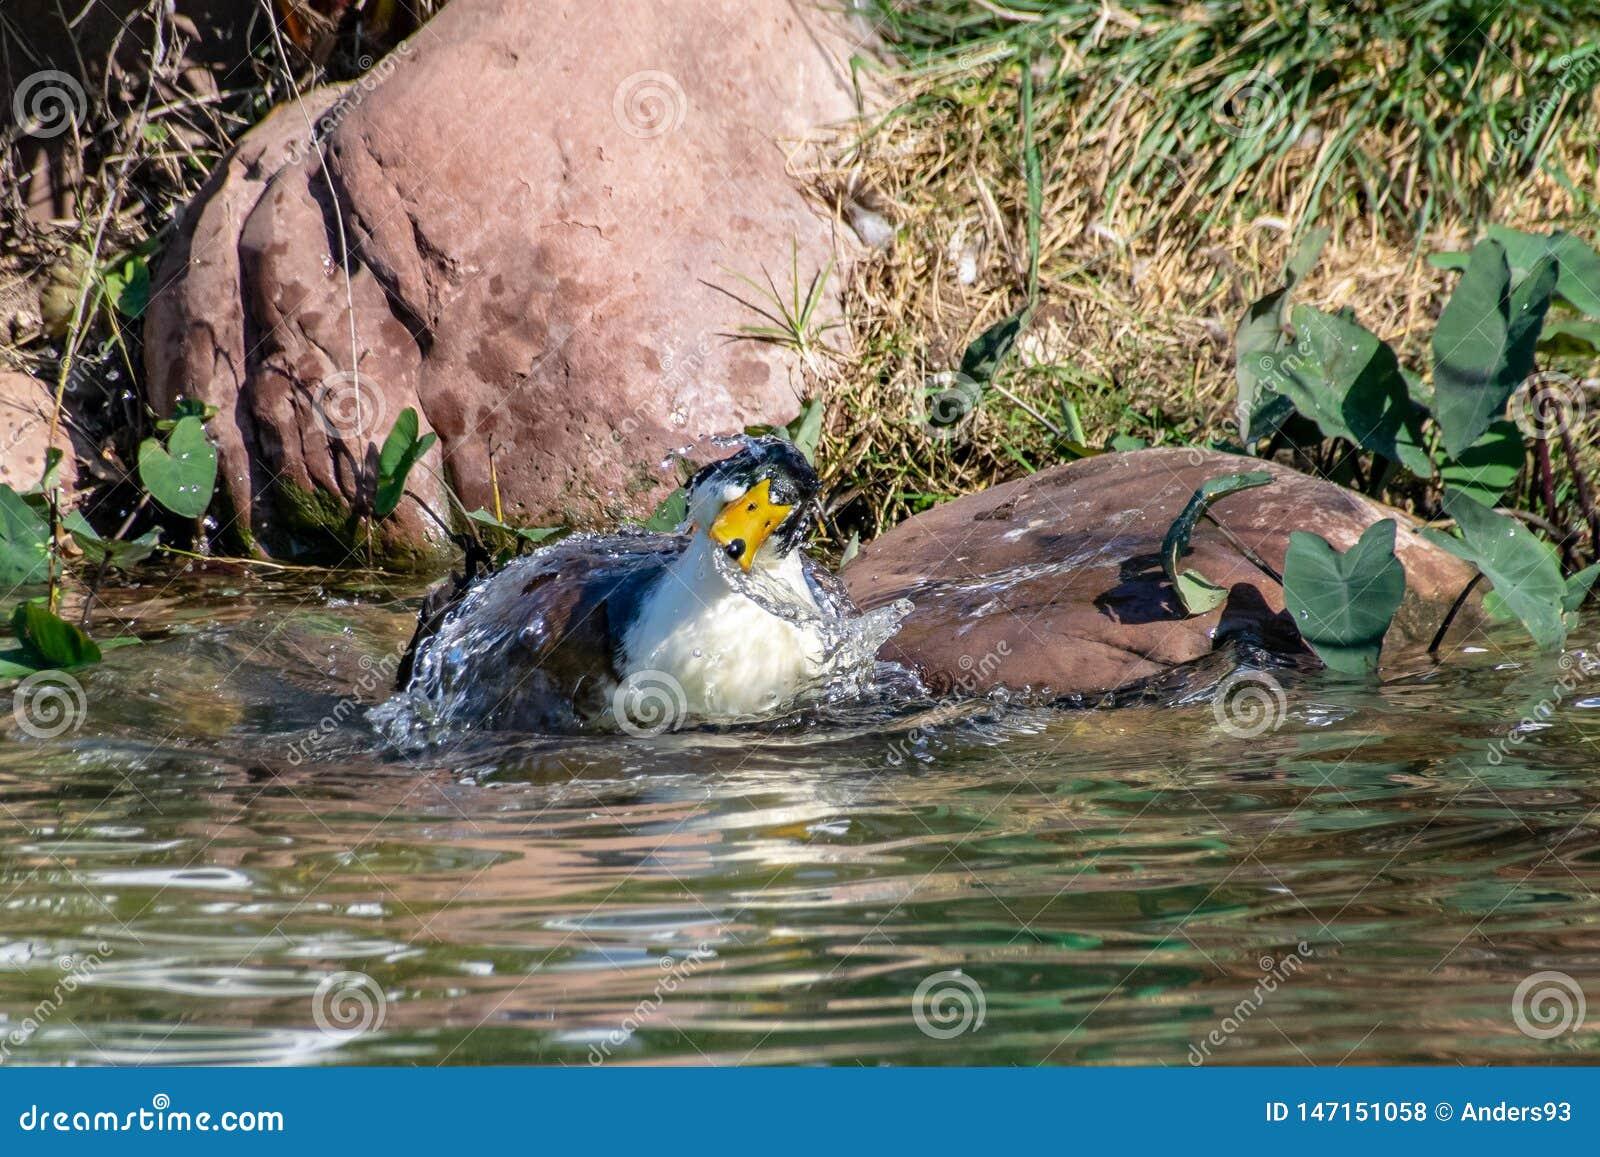 Canard plumage de plume ?claboussant, de lisser et nettoyer dans un lac